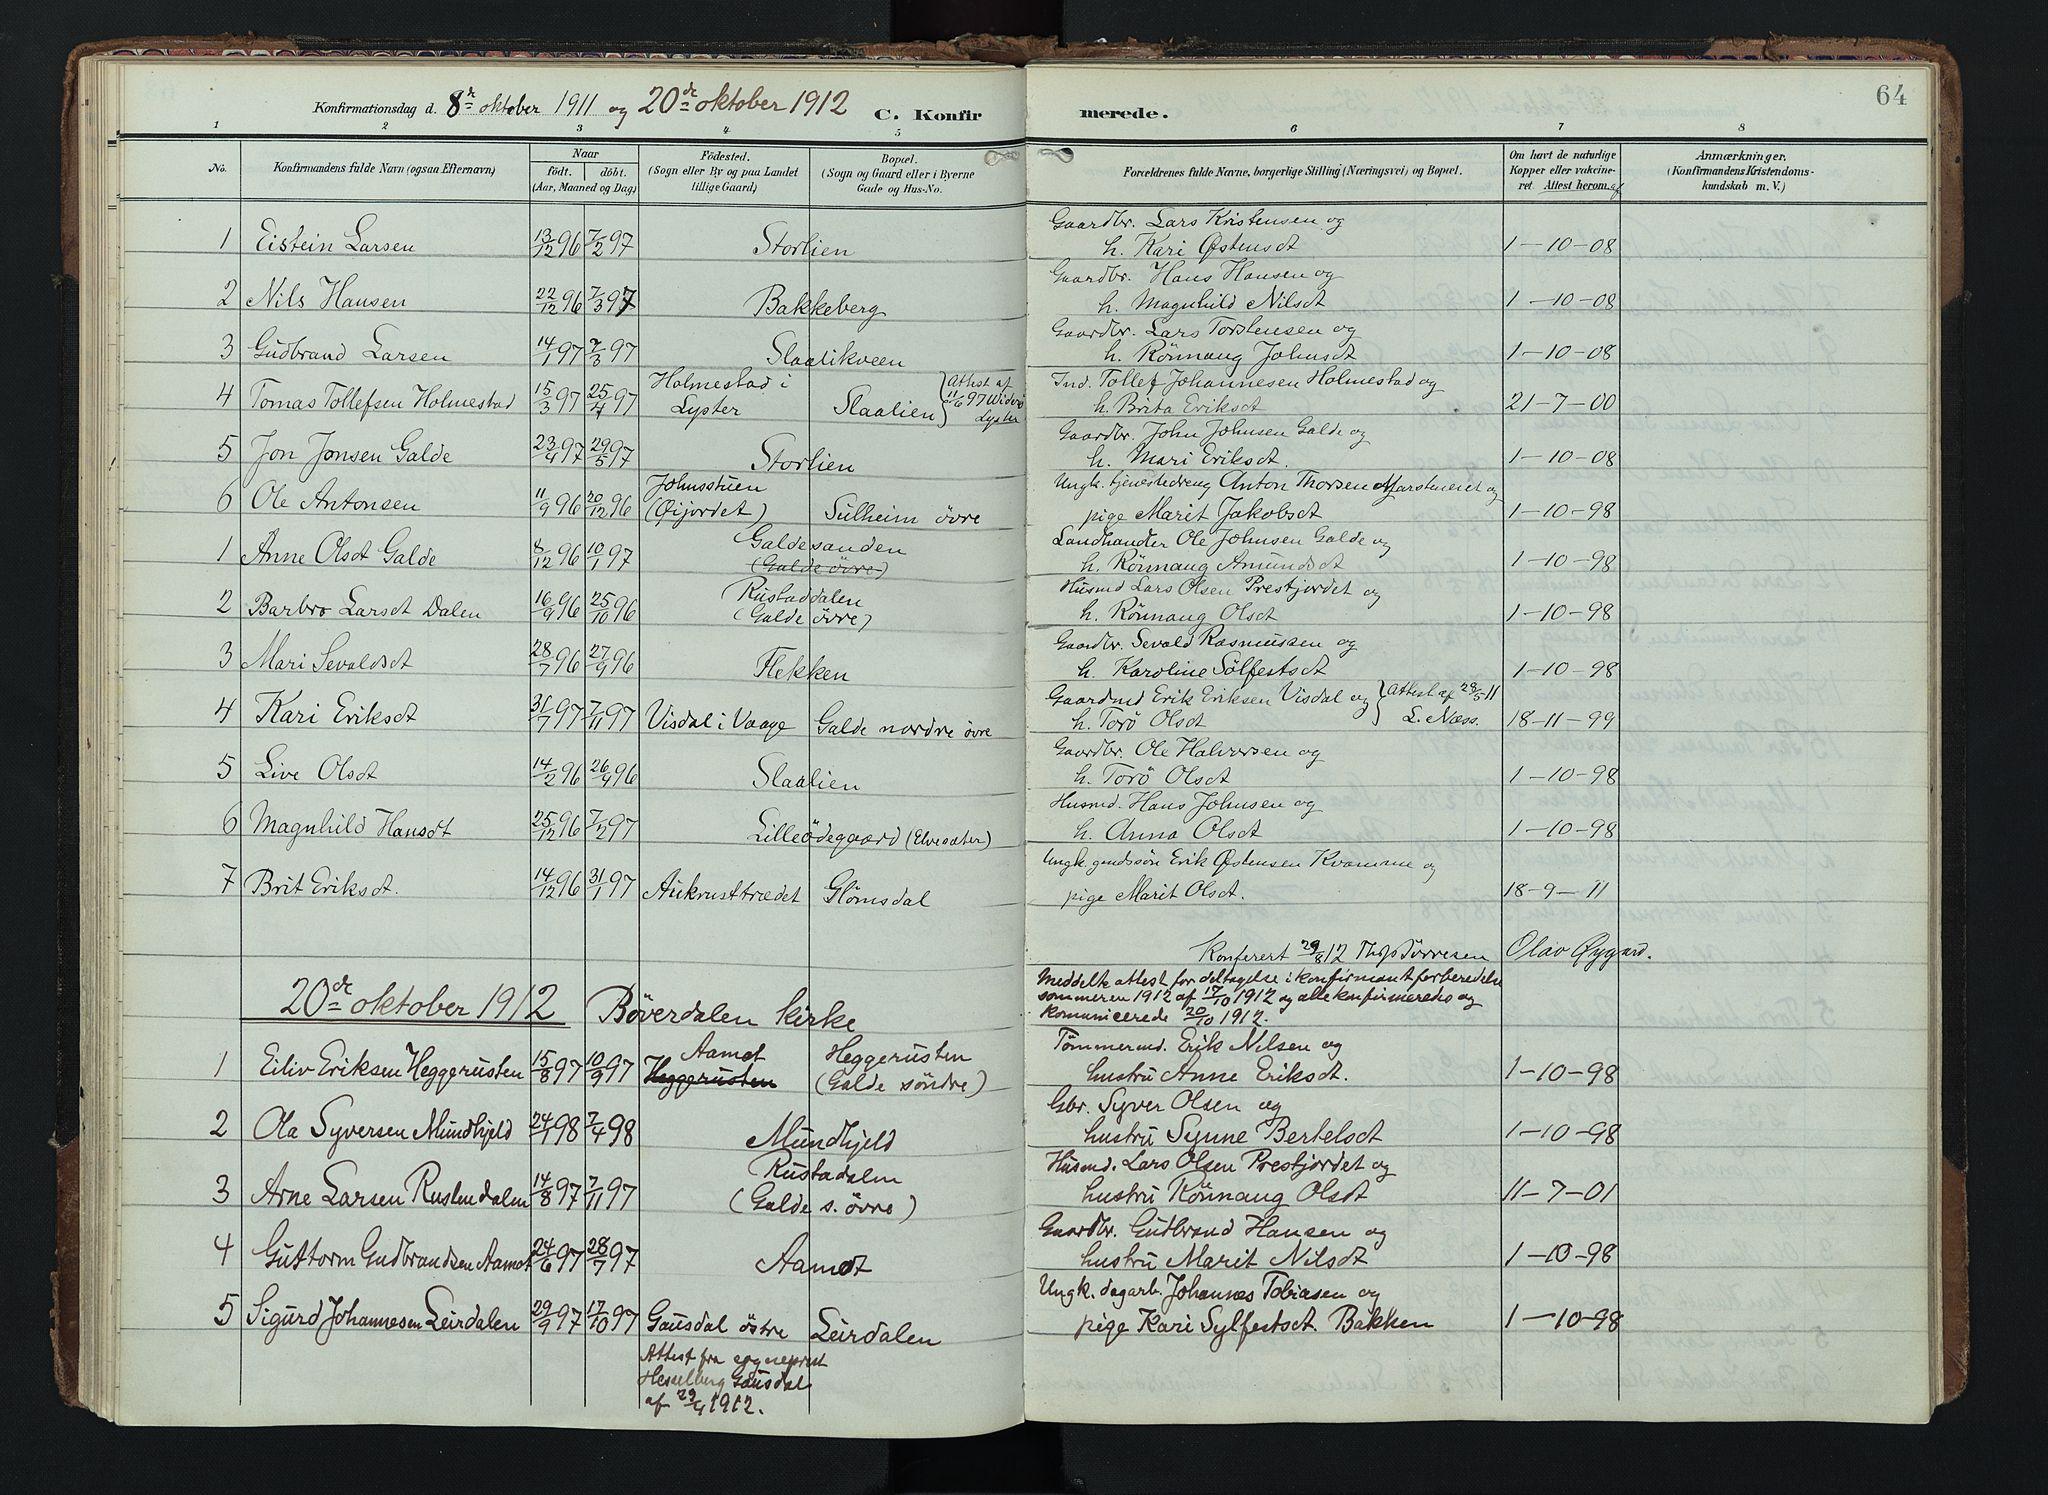 SAH, Lom prestekontor, K/L0012: Ministerialbok nr. 12, 1904-1928, s. 64